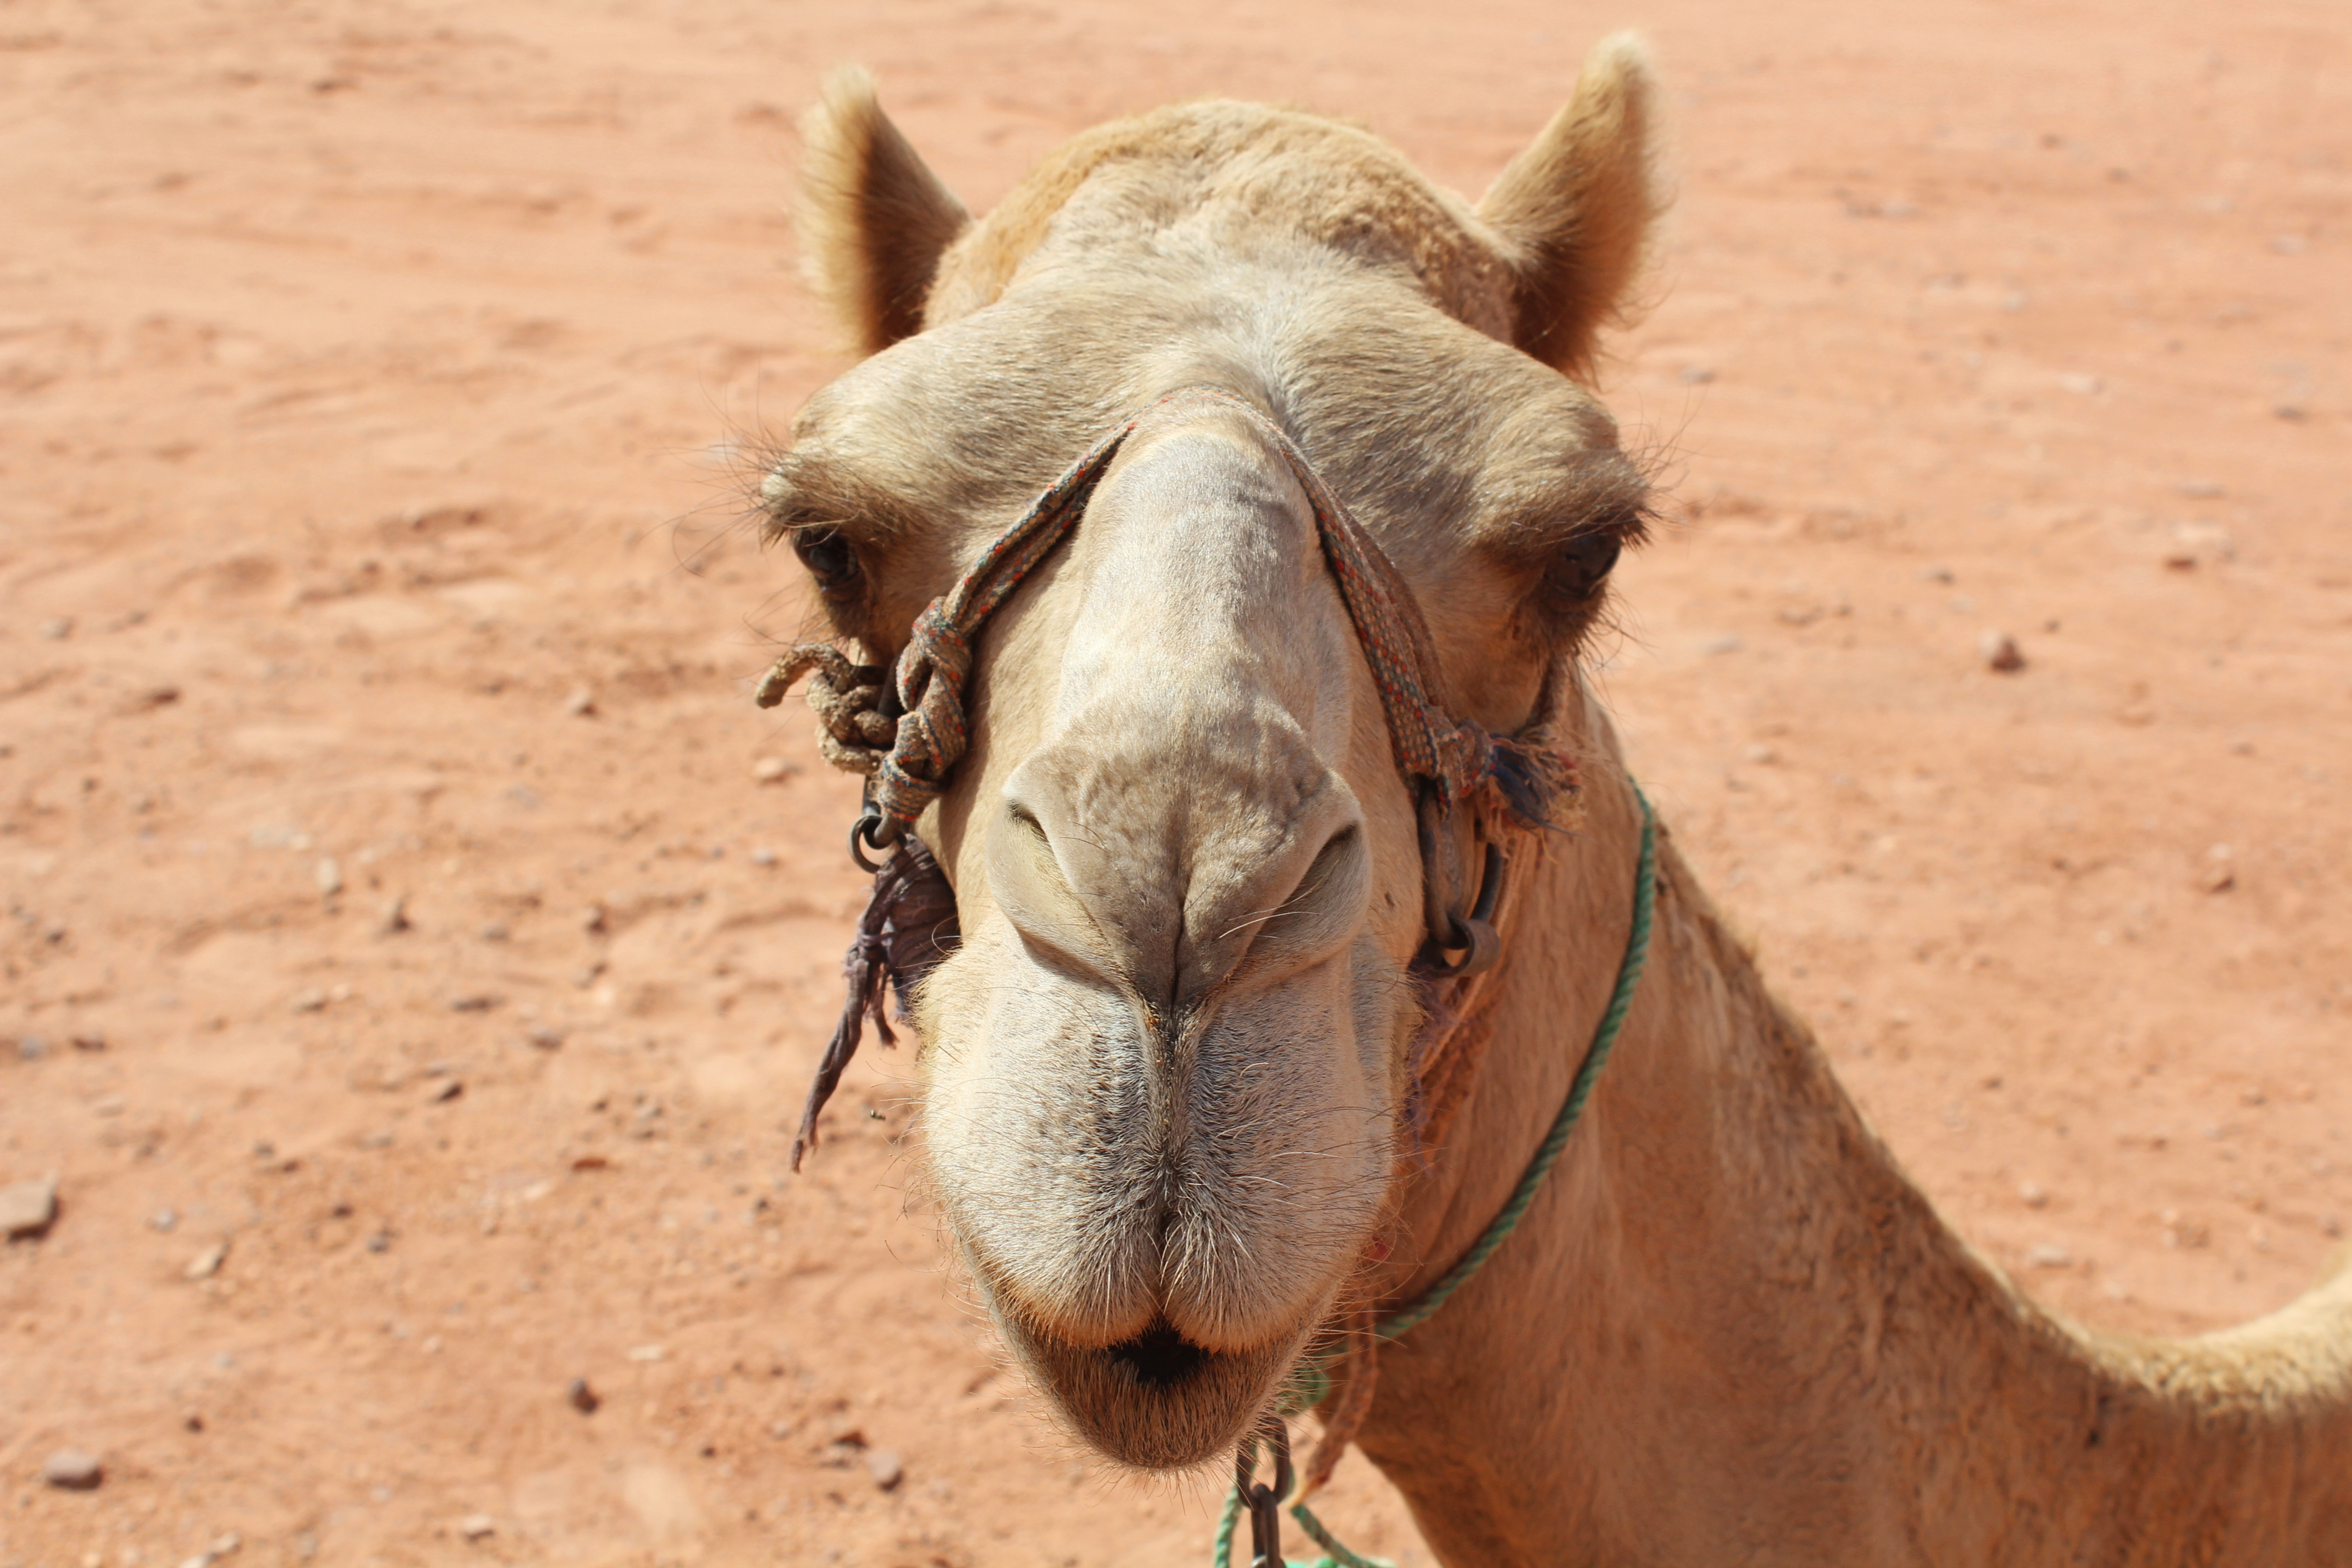 Camel_Wadi_Rum